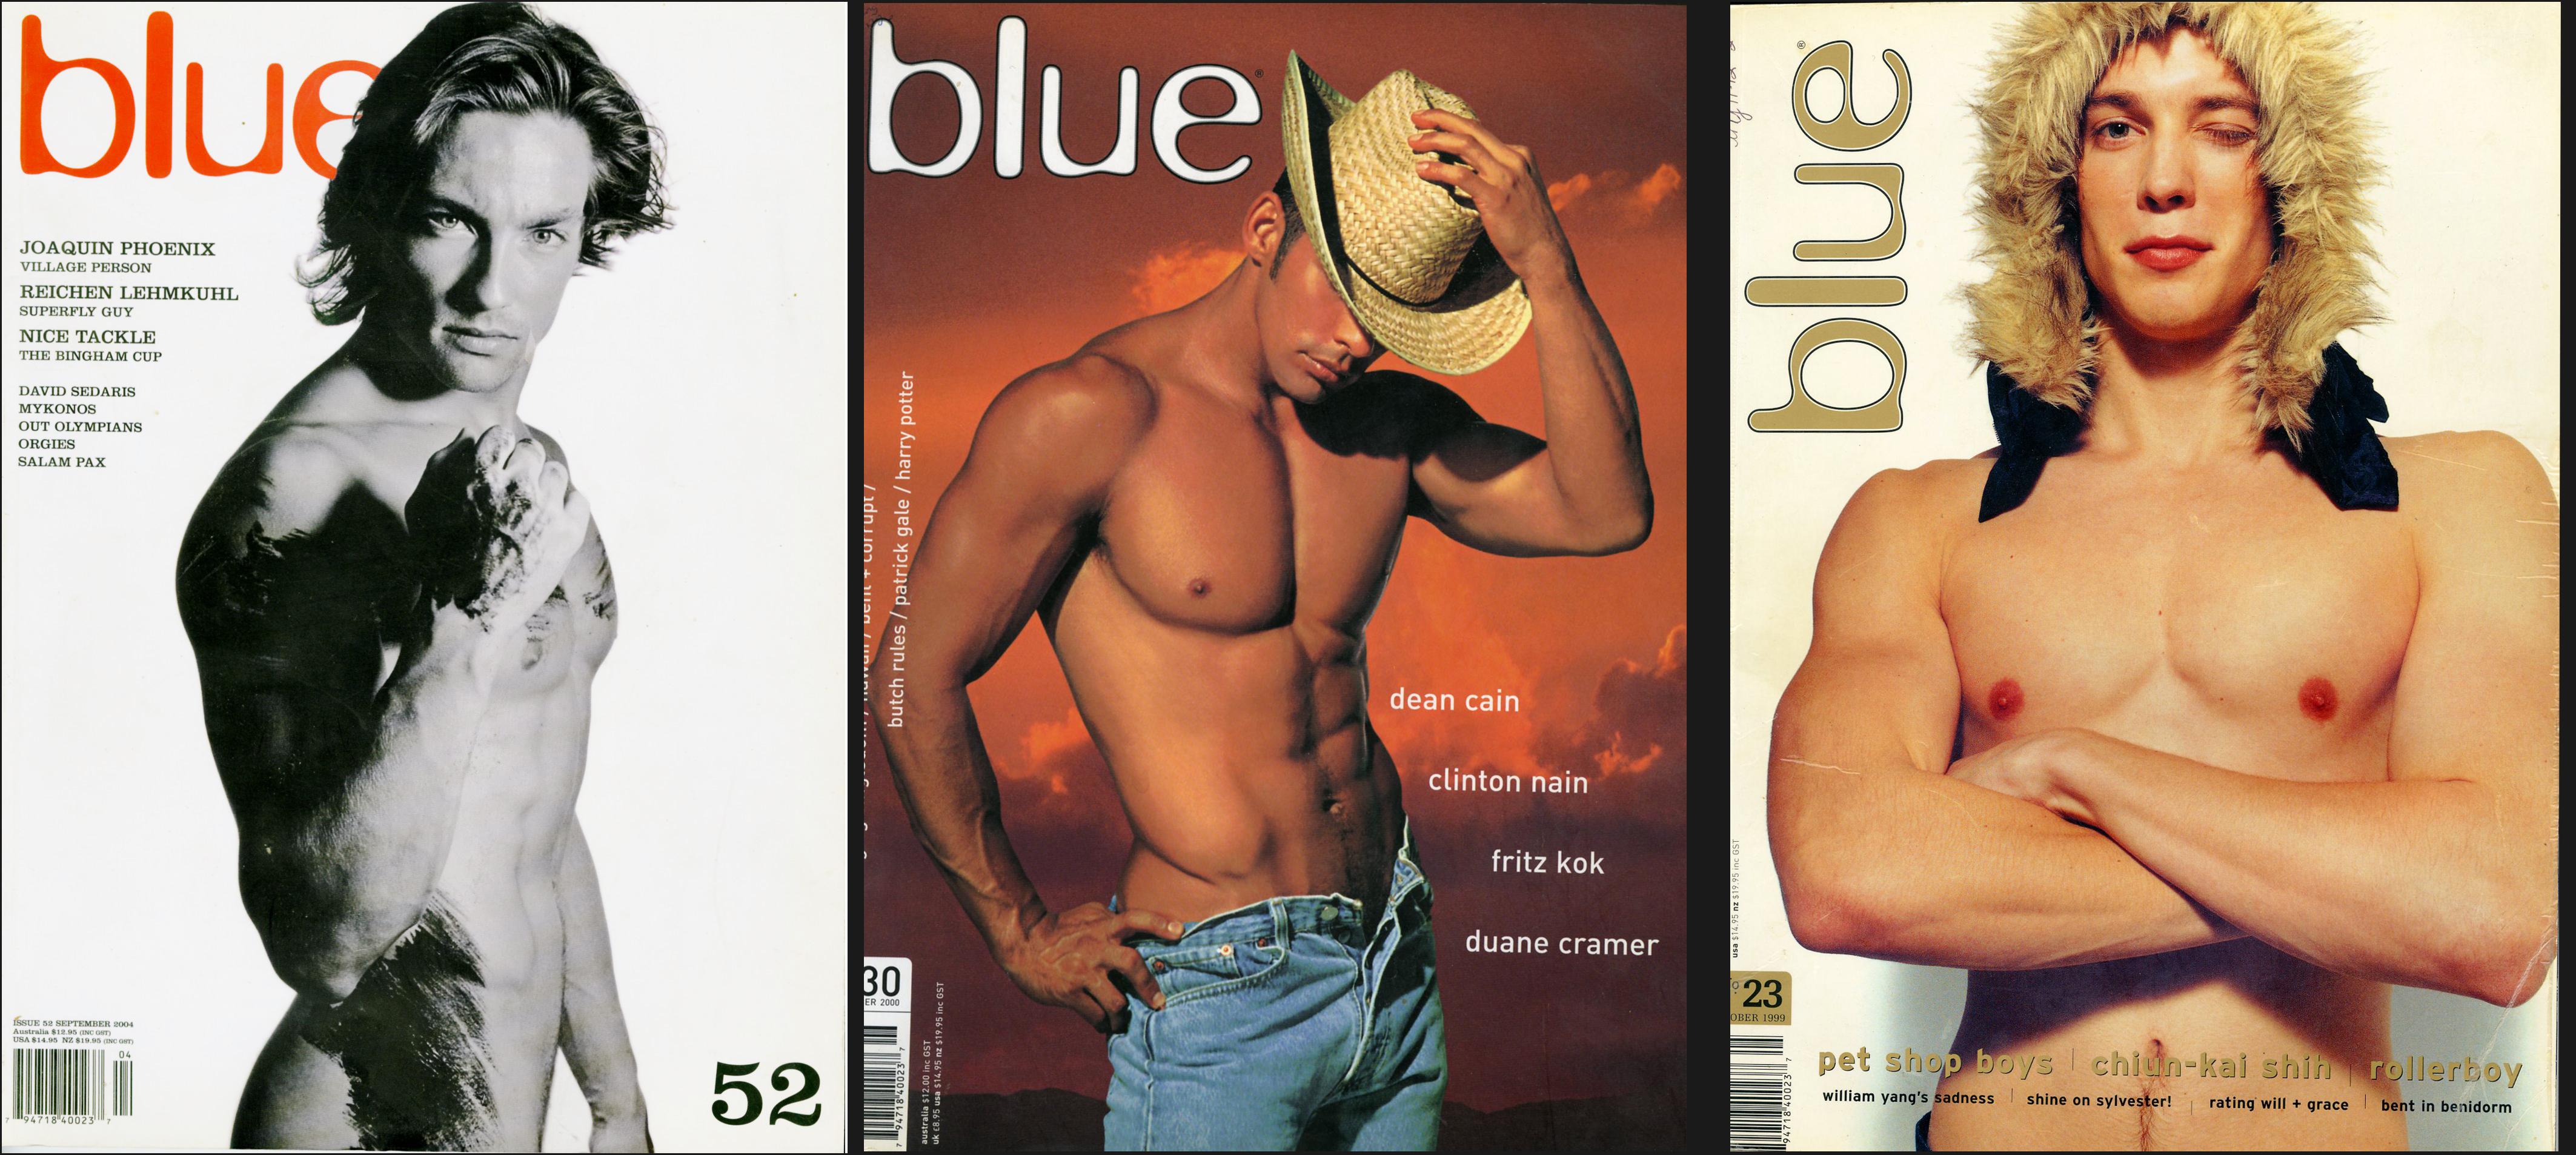 Mint Comics DVDs/BlueRays Wood Cigar Boxes Blue Mags Piere et Giles Large Glass Vases